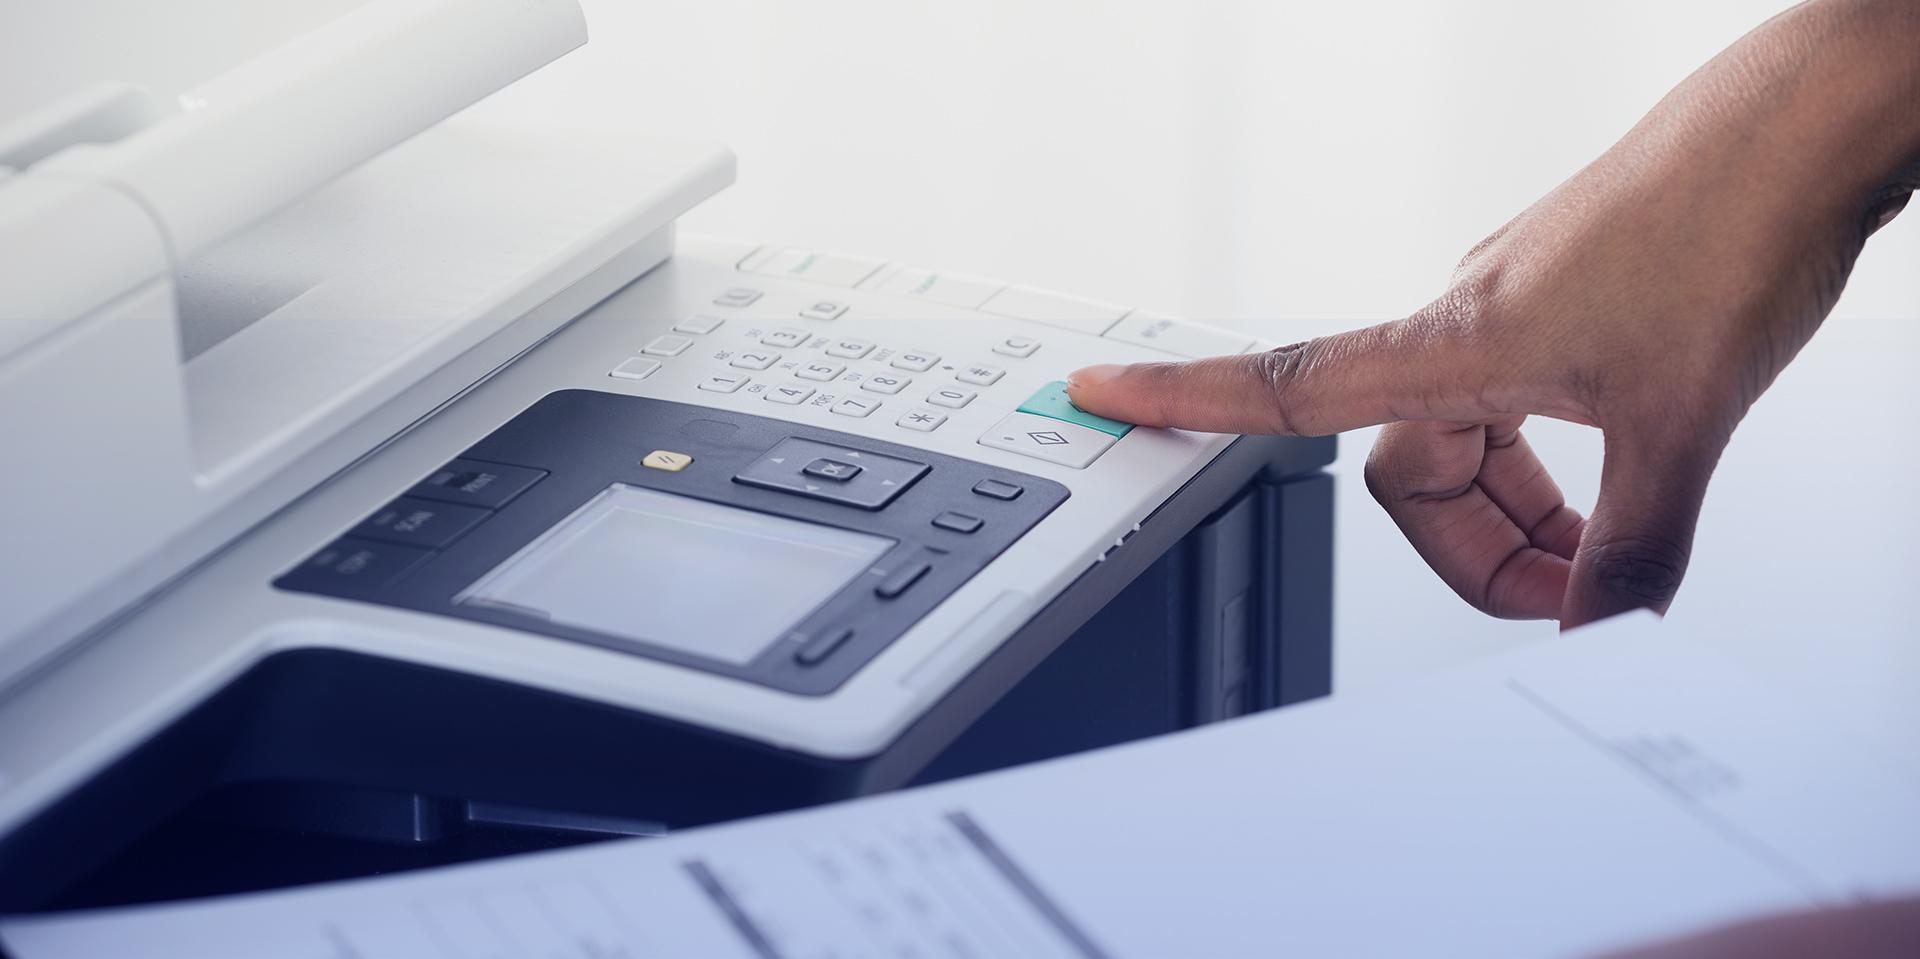 TOPS_Telecom_Solutions_PrintersCopiers